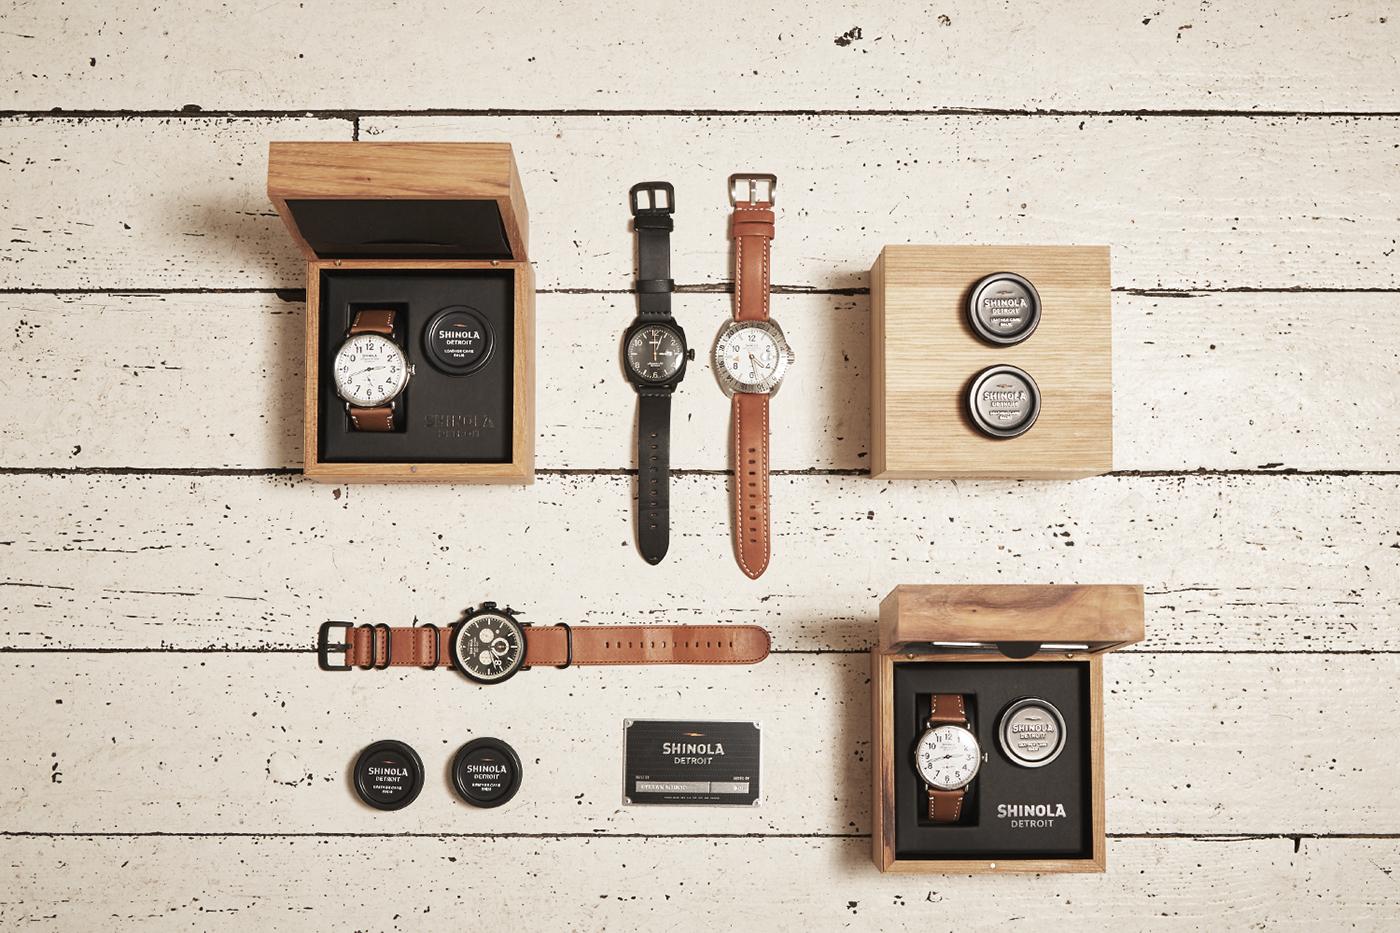 Shinola Watches At A